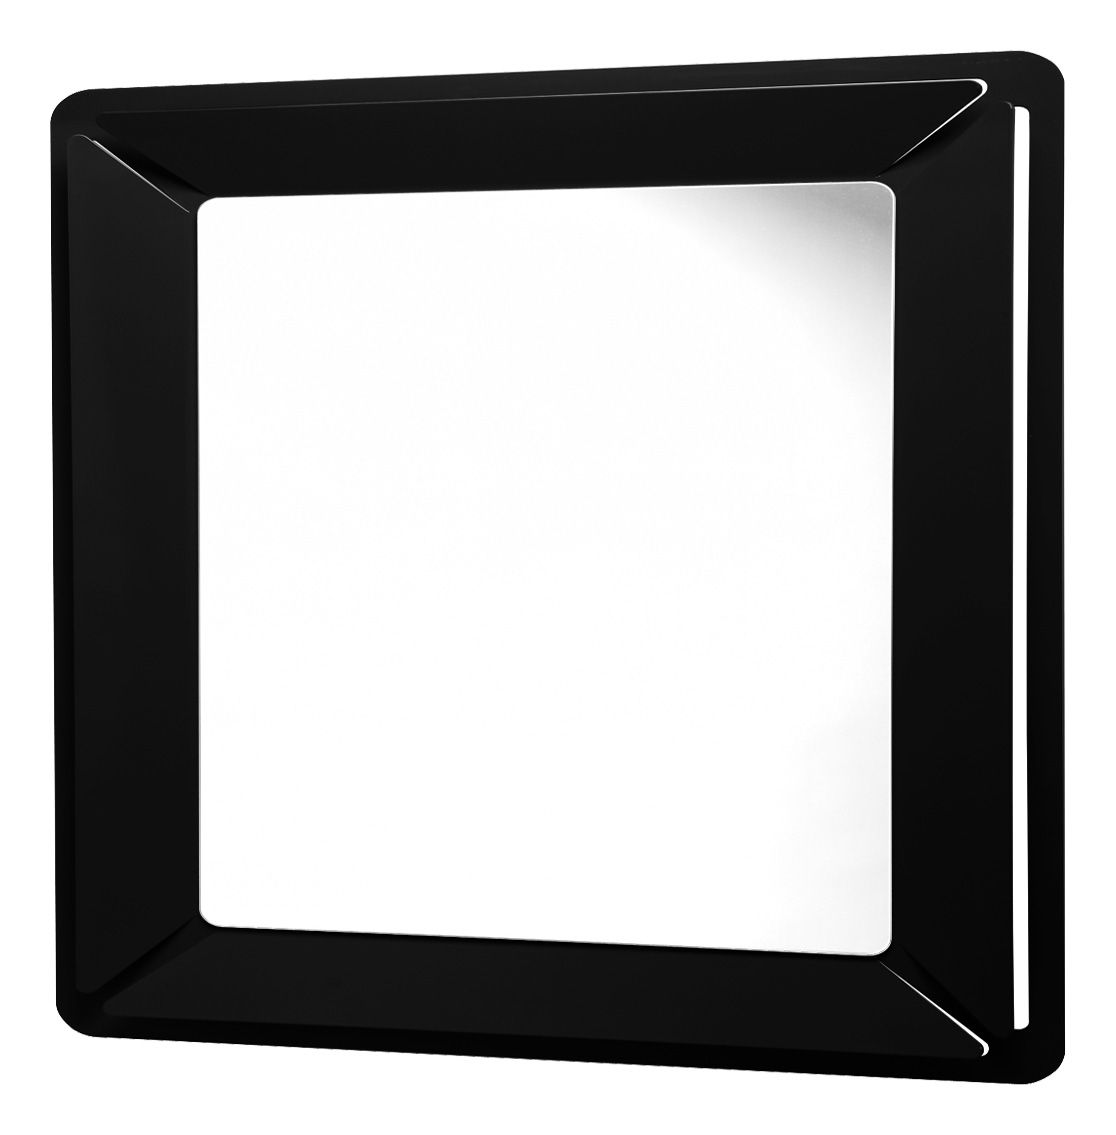 Miroir see me square 90 x 90 cm noir officina nove for Miroir 90 x 150